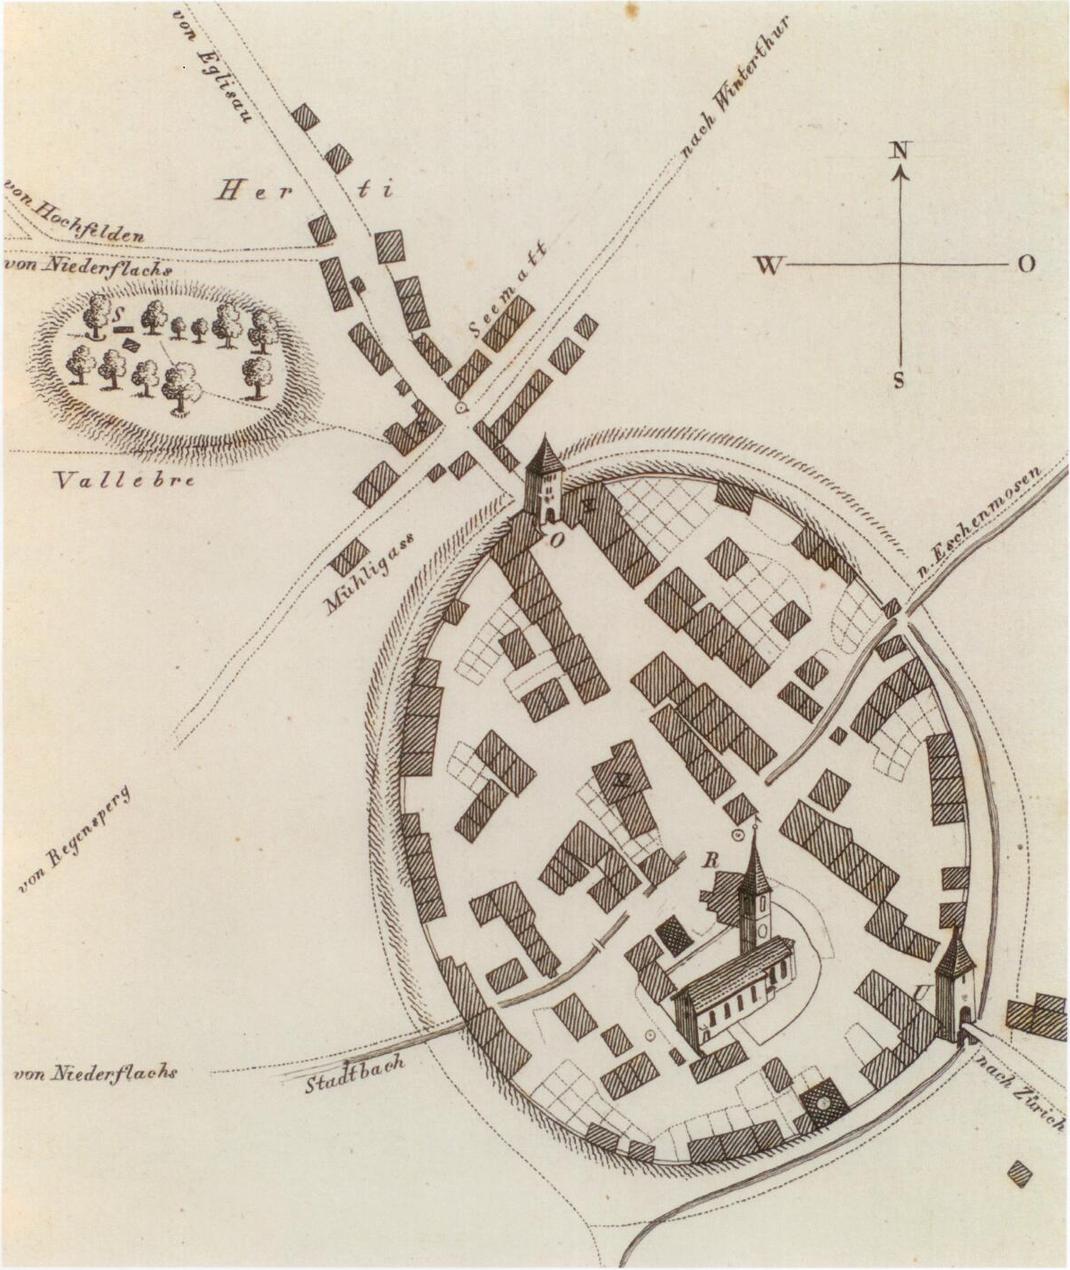 Bülach um 1826